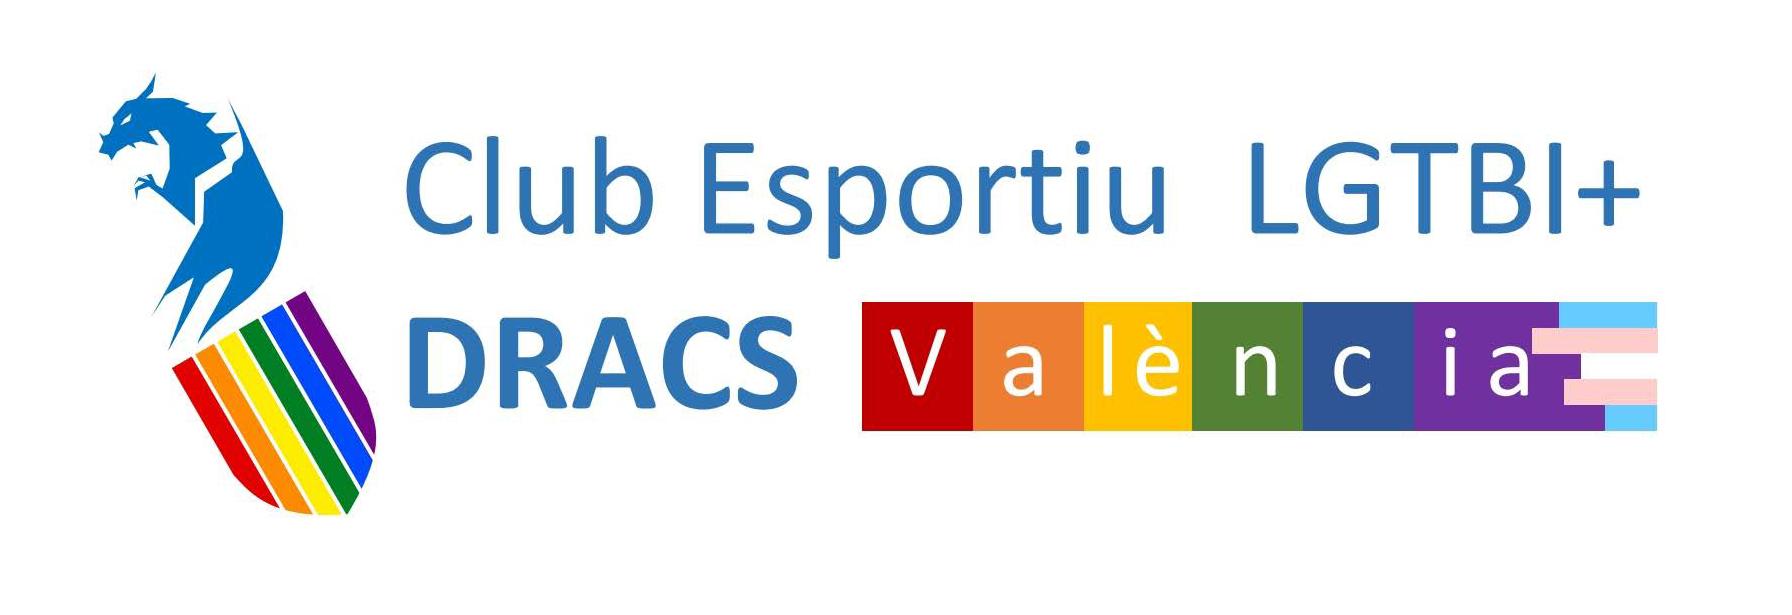 Club Esportiu LGTBI+ DRACS VALENCIA